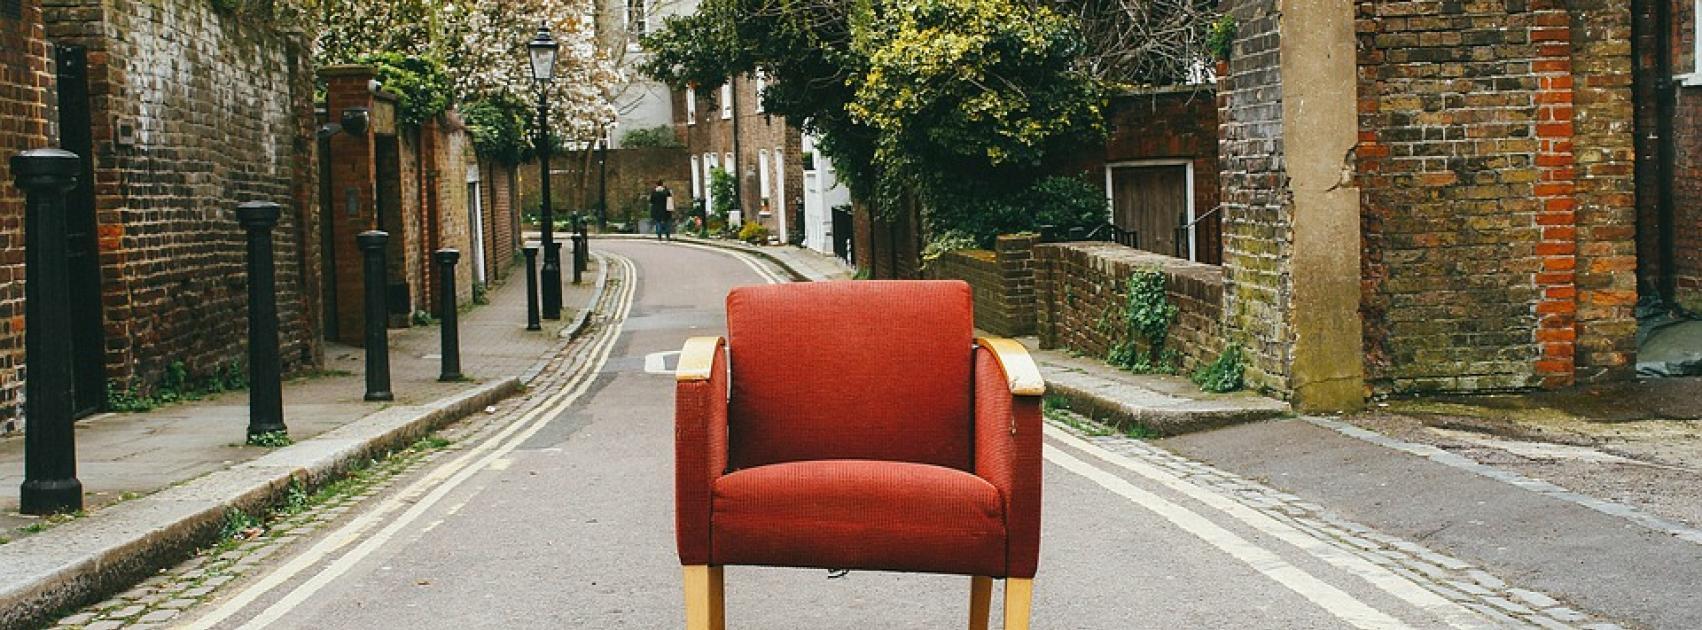 chair-1840011_960_720.jpg